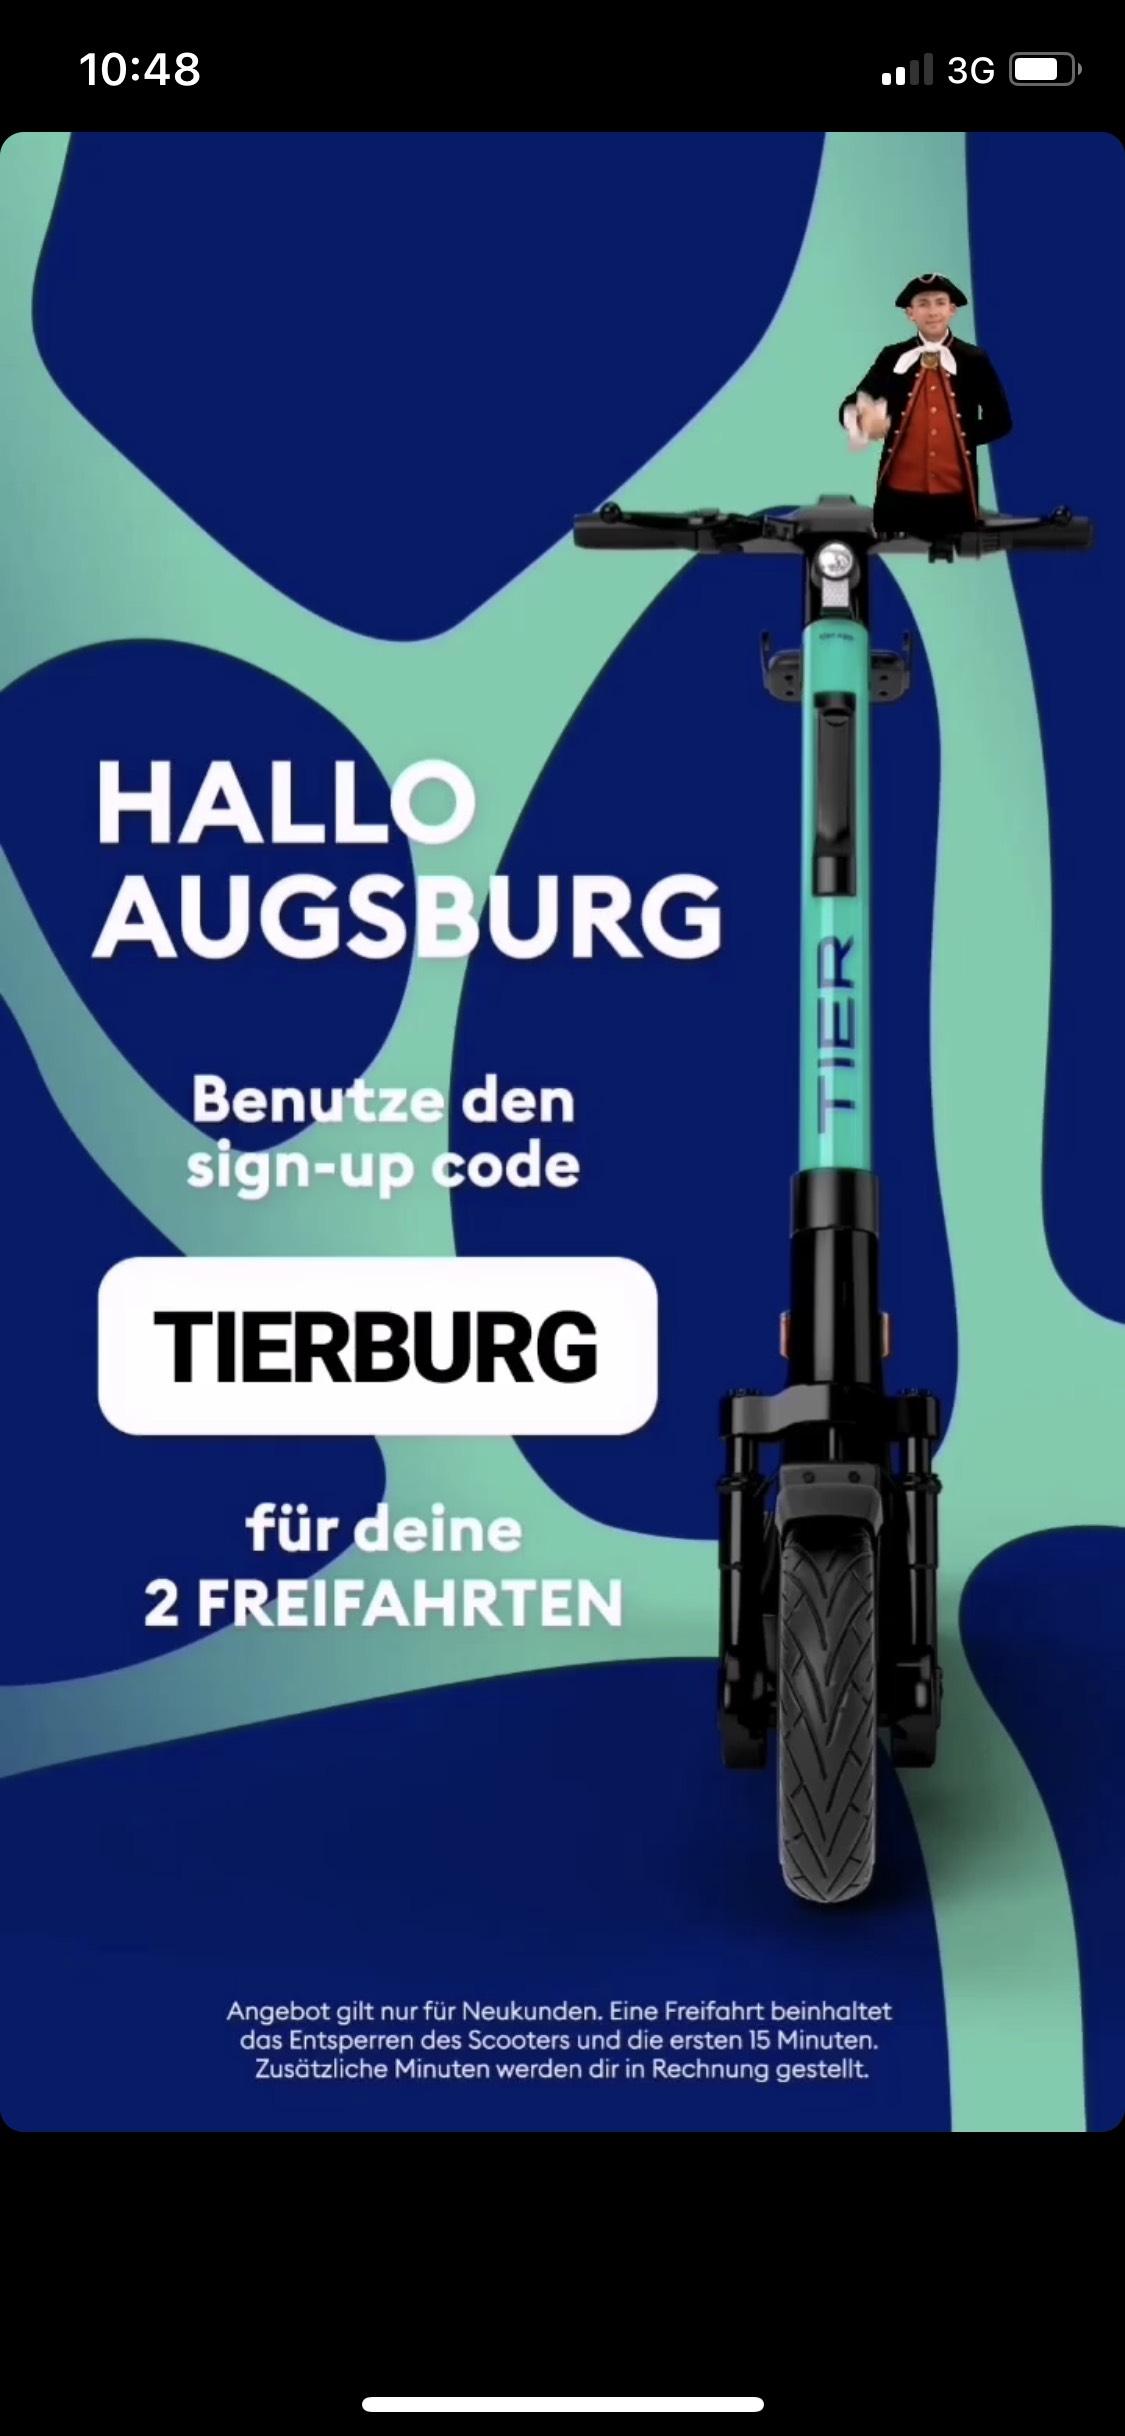 [Lokal] Tier Augsburg, Dresden 2 Freifahrten Neukunde